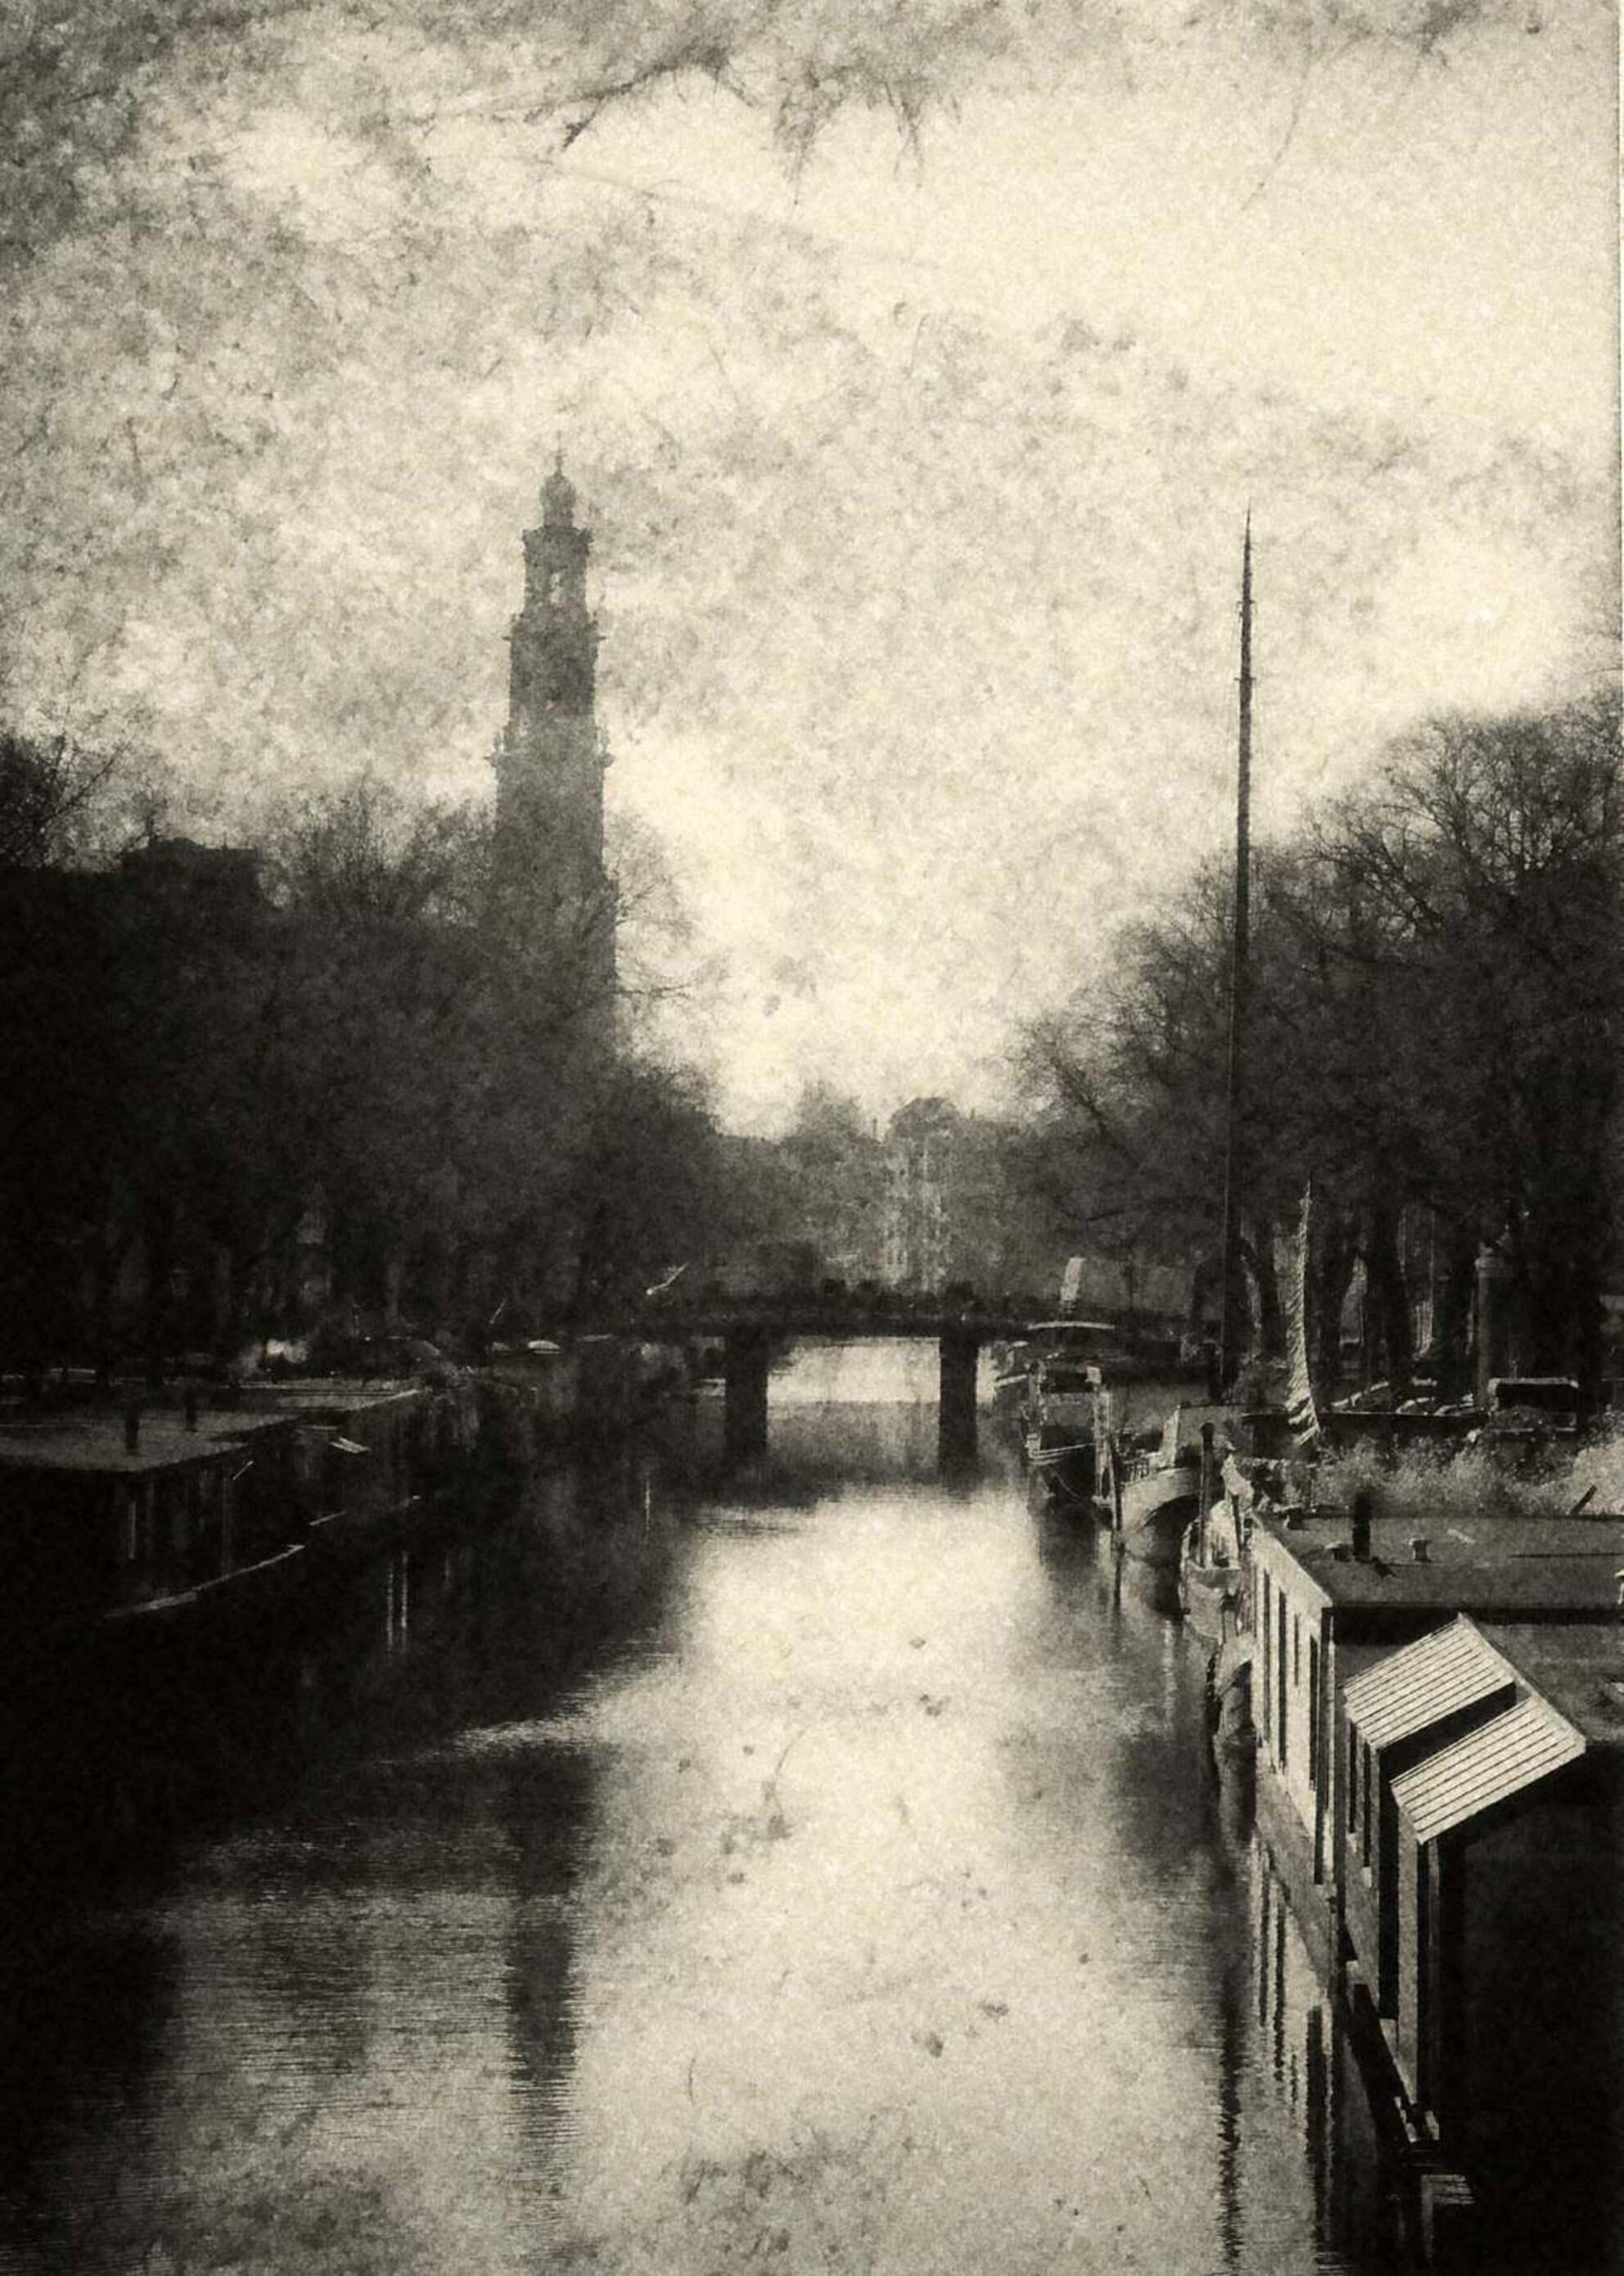 Amsterdam huilt (waar 't eens heeft gelachen ) - een lied van Rika Jansen, Zwarte Riek - foto door c.buitendijk53 op 05-03-2021 - deze foto bevat: oud, amsterdam, zwartwit, mijn wiege was een stijfsel kissie, zwarte riek, rika jansen - Deze foto mag gebruikt worden in een Zoom.nl publicatie